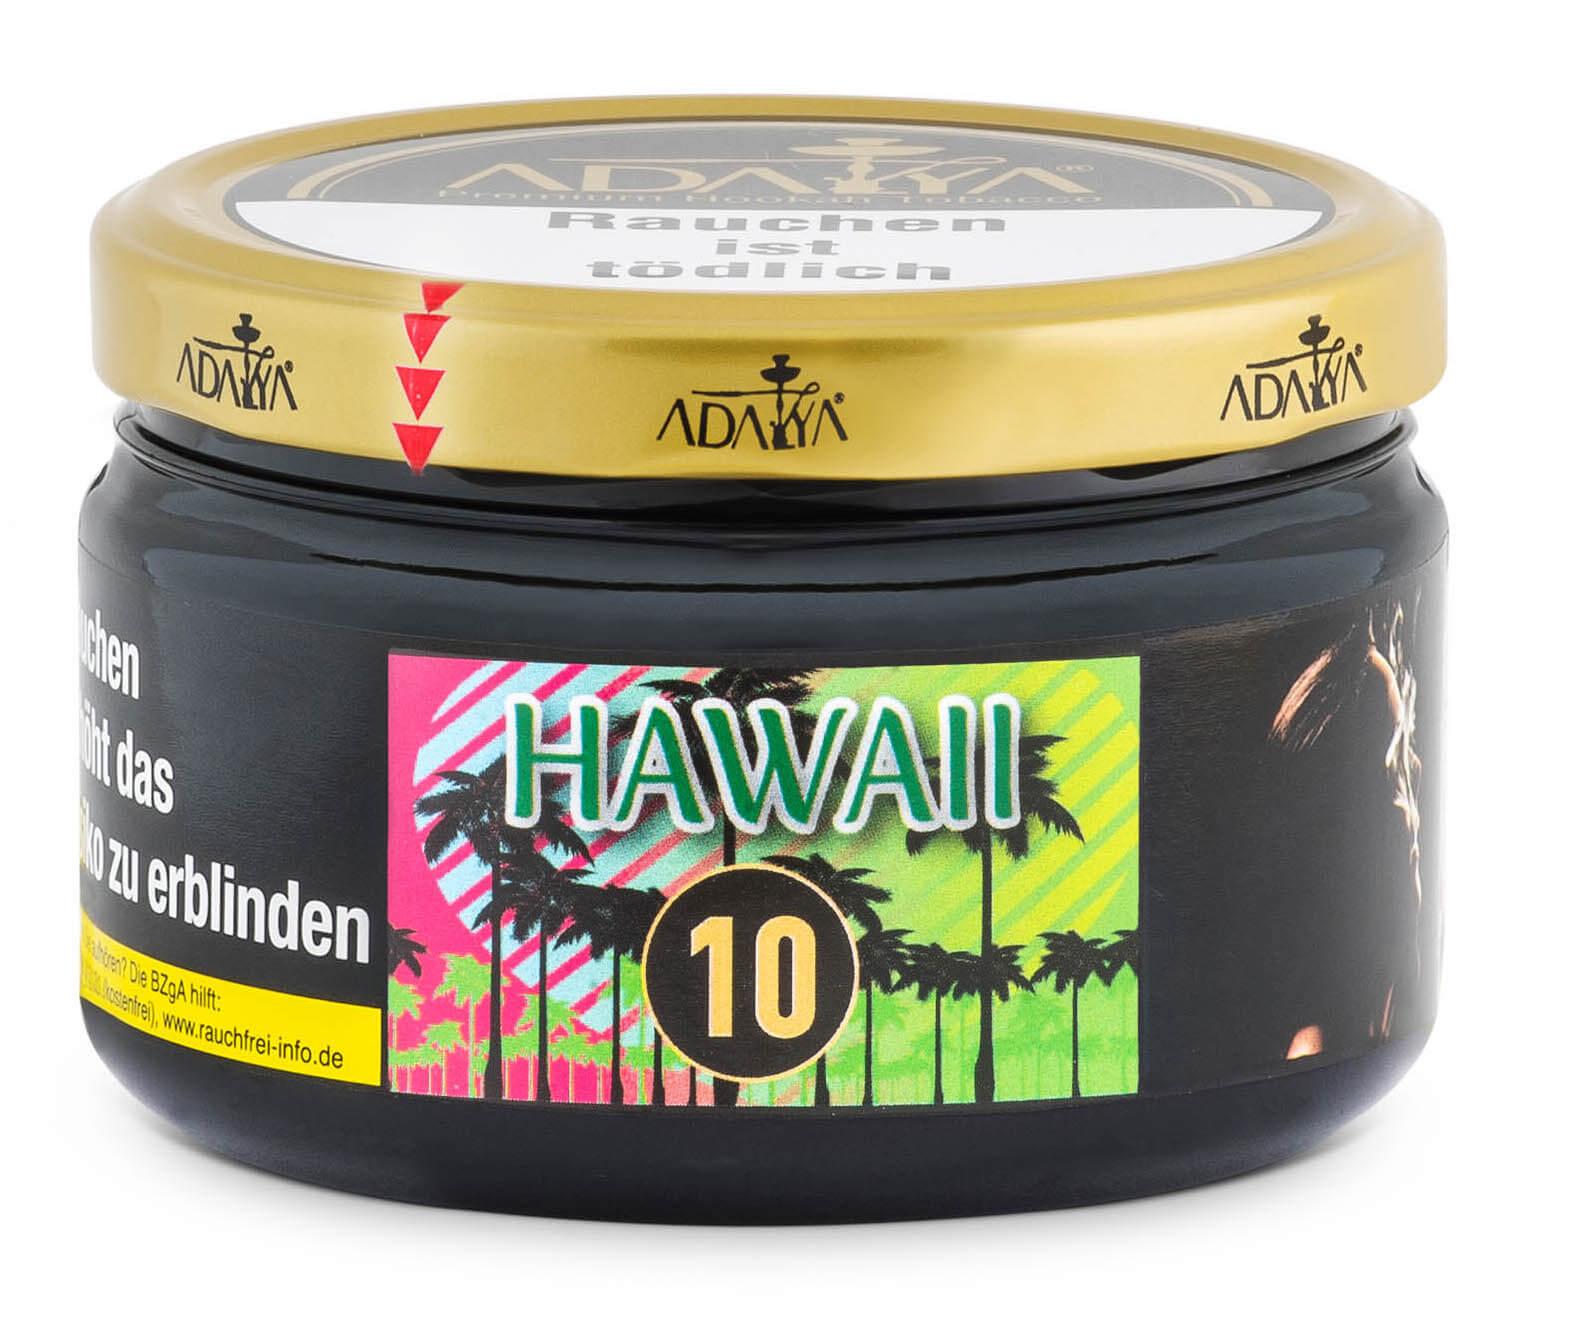 Adalya Tabak Hawaii #10 200g